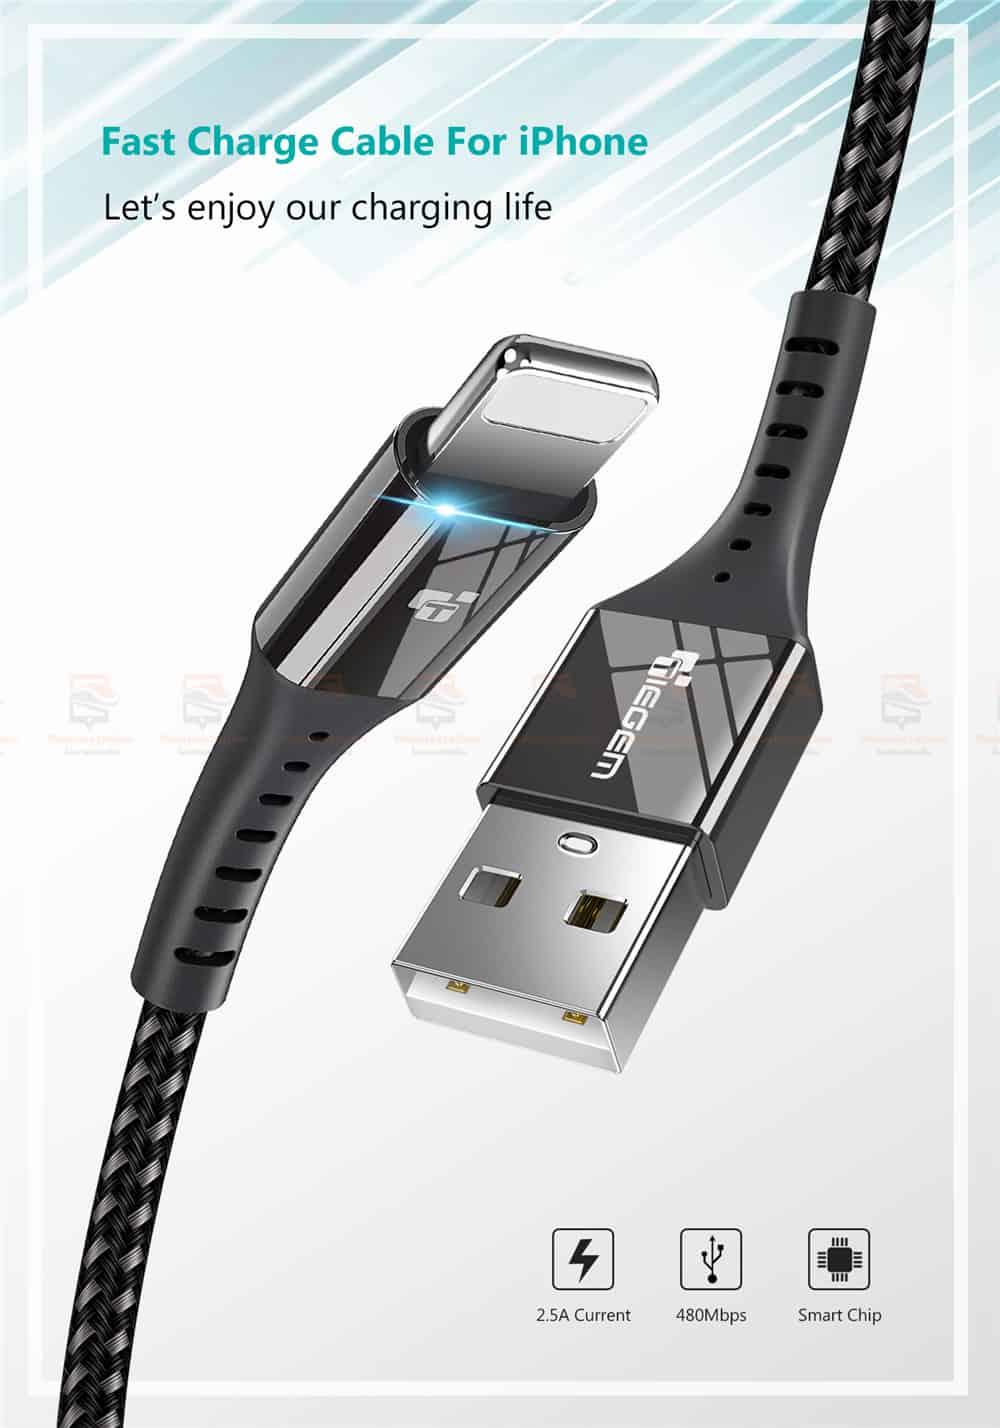 สายชาร์จไอโฟน TIEGEM Nylon Fast Charging Cable For iPhone X 8 7 6_-3